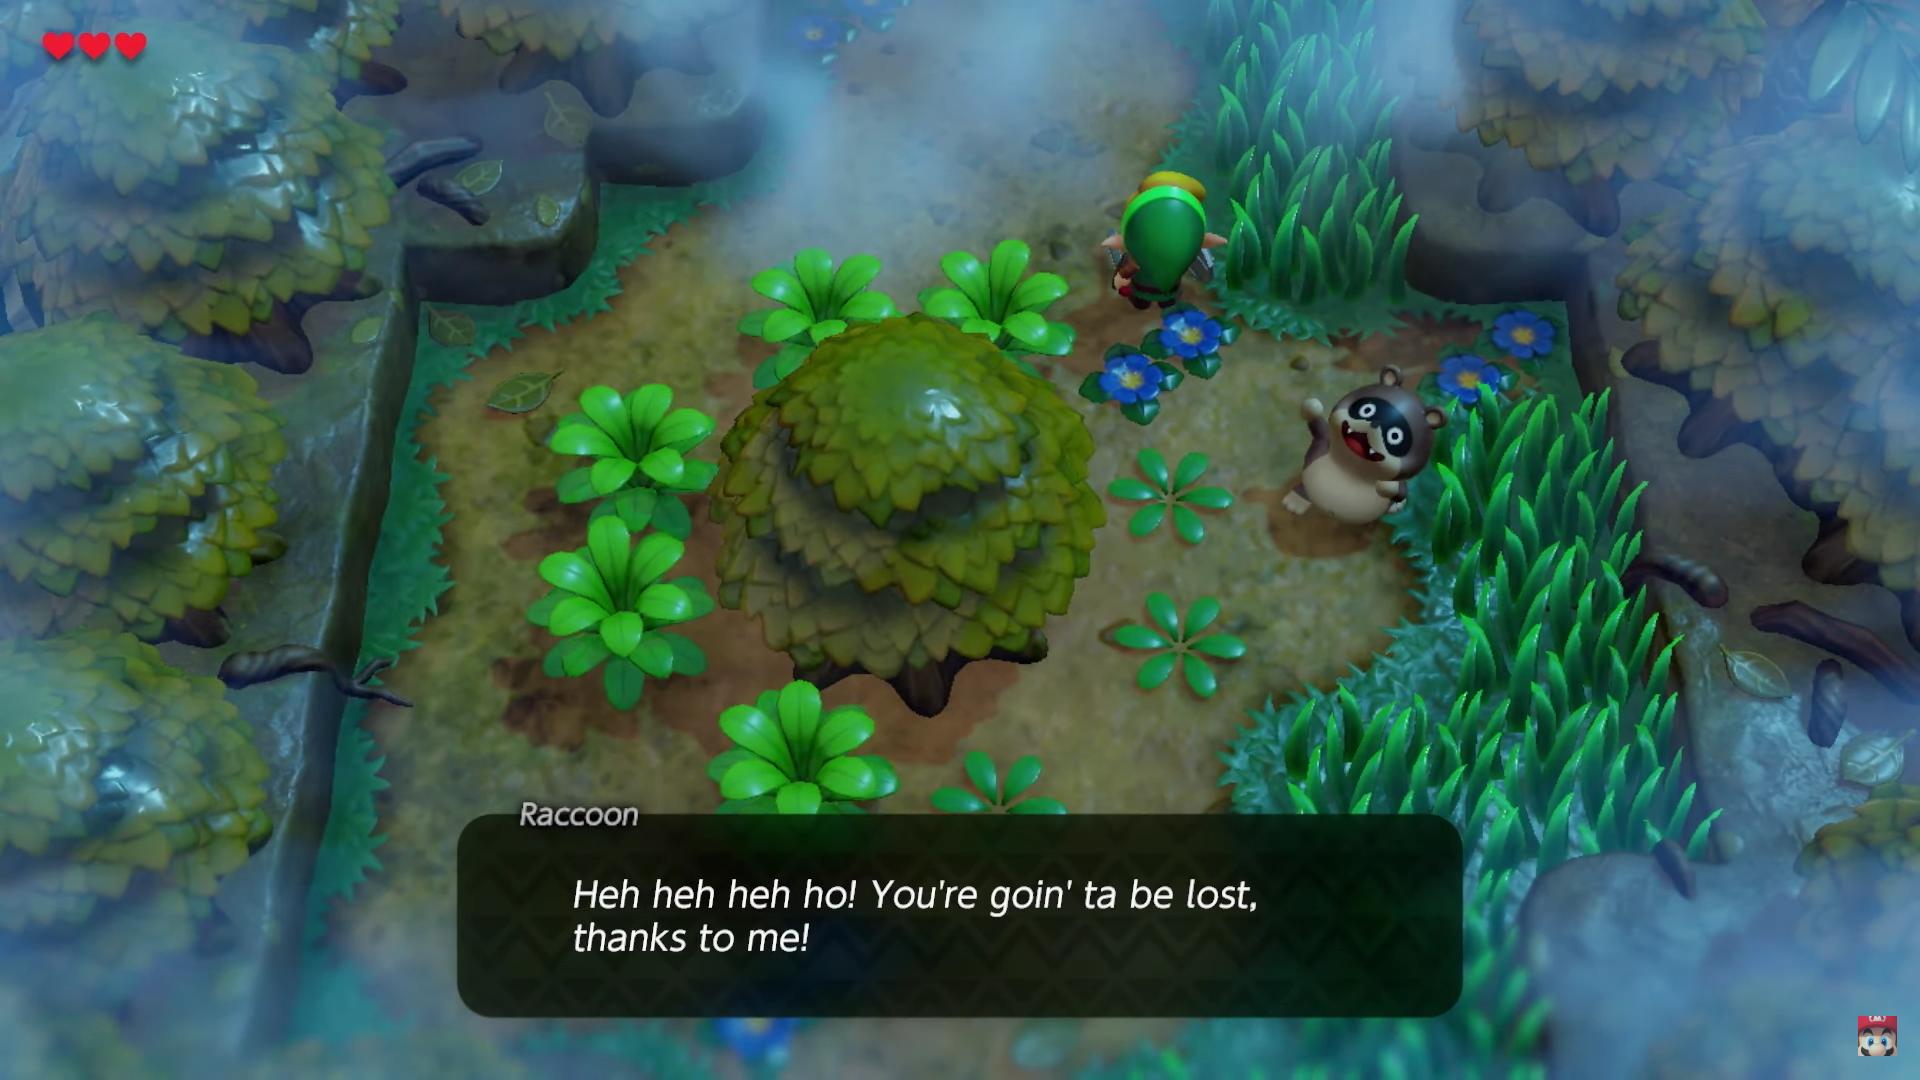 Link's Awakening Trailer